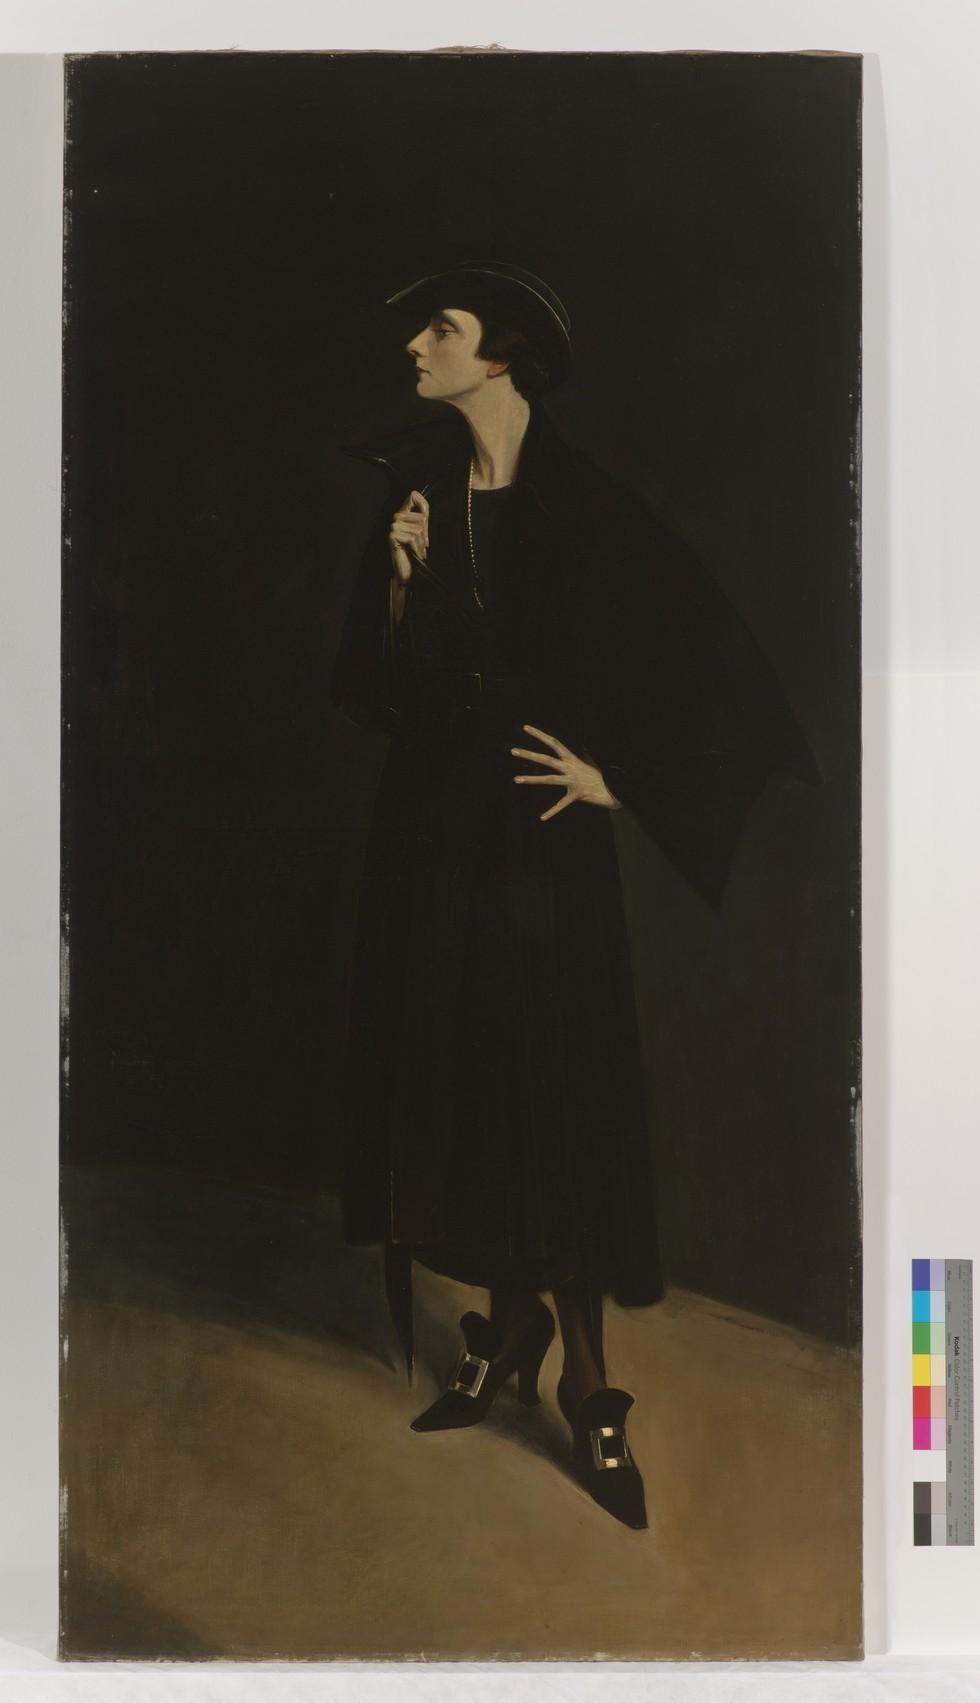 Abram Poole, Portrait of Mercedes de Acosta. 1923.